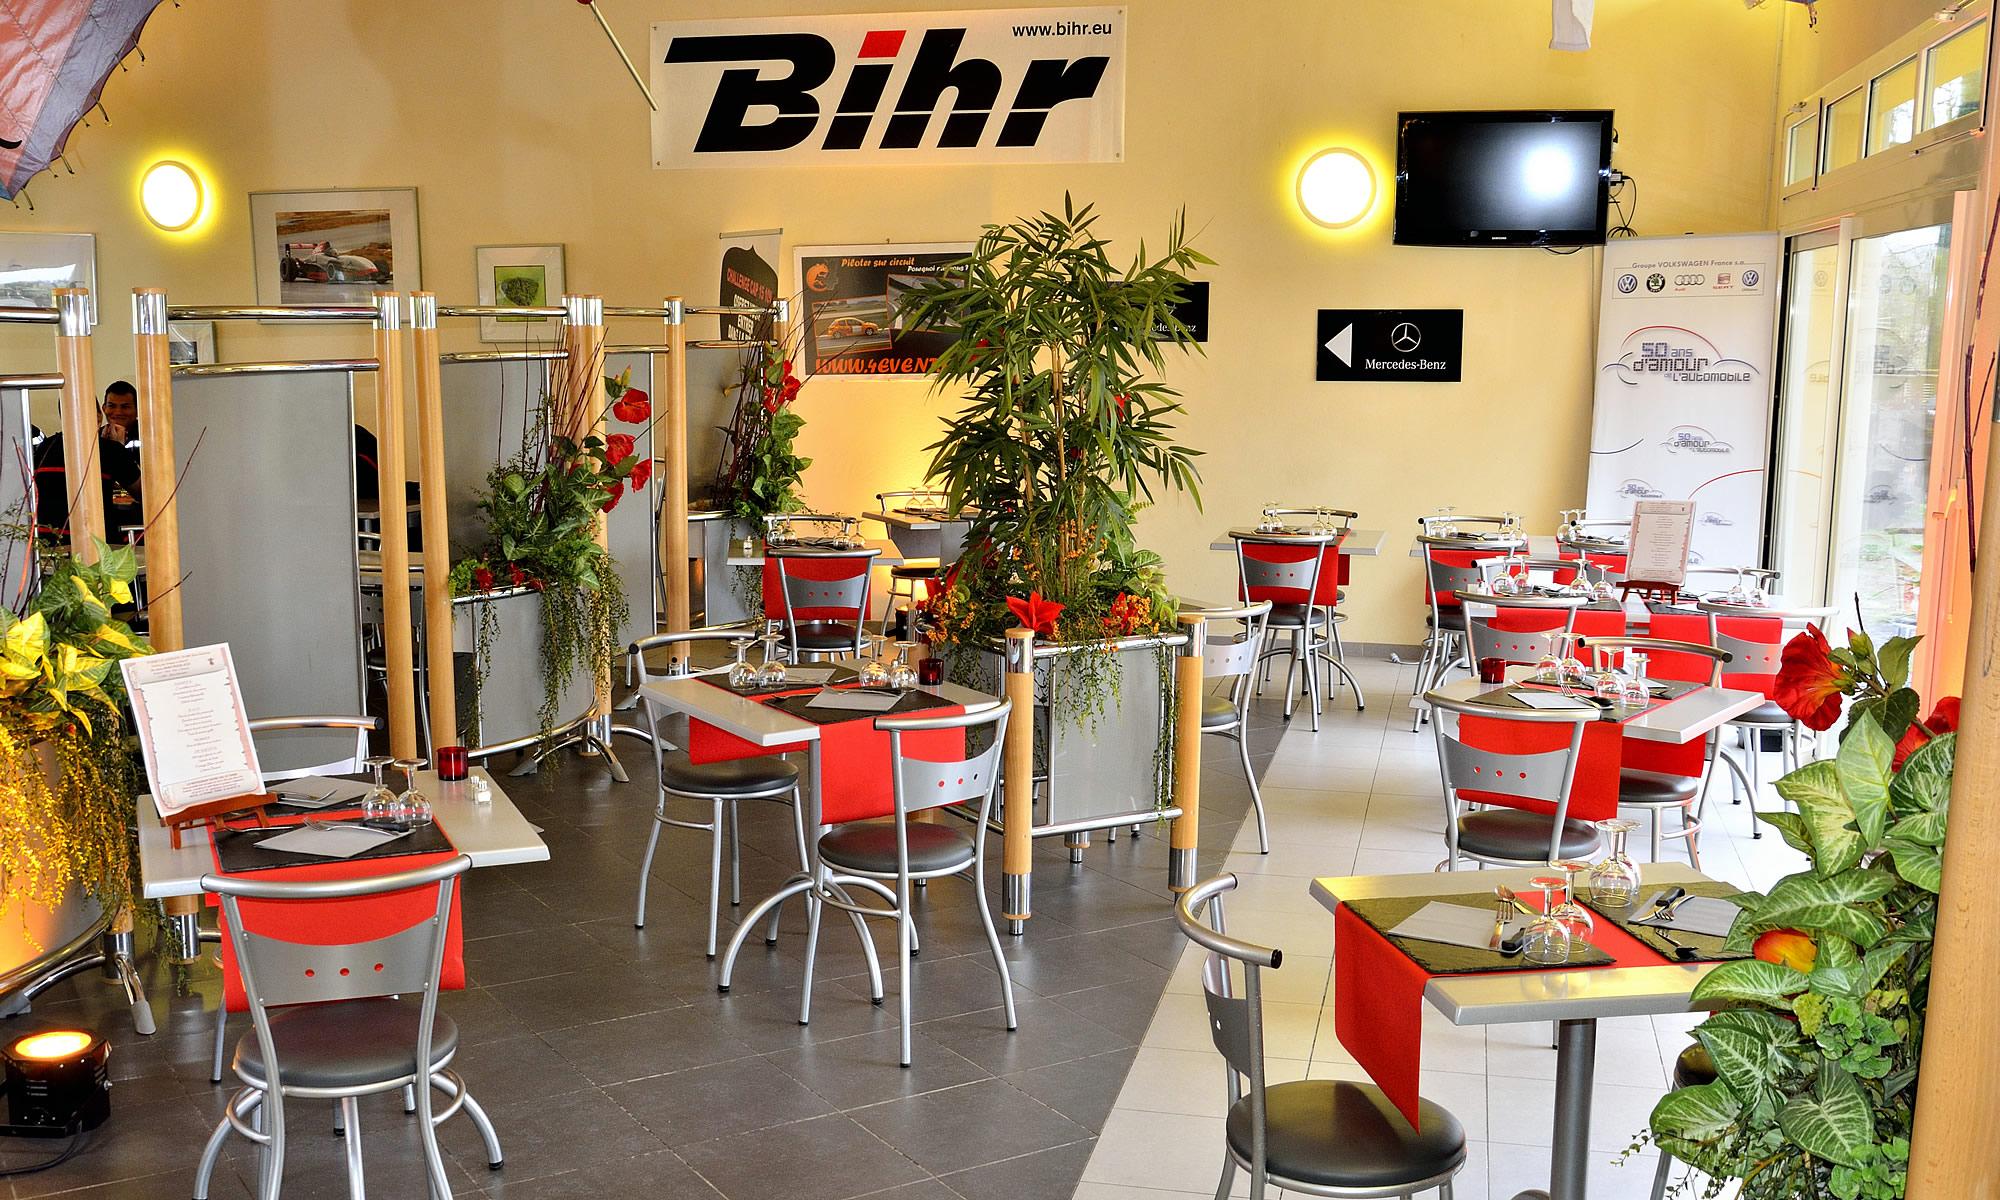 Restaurant Entre Ciel et Terre